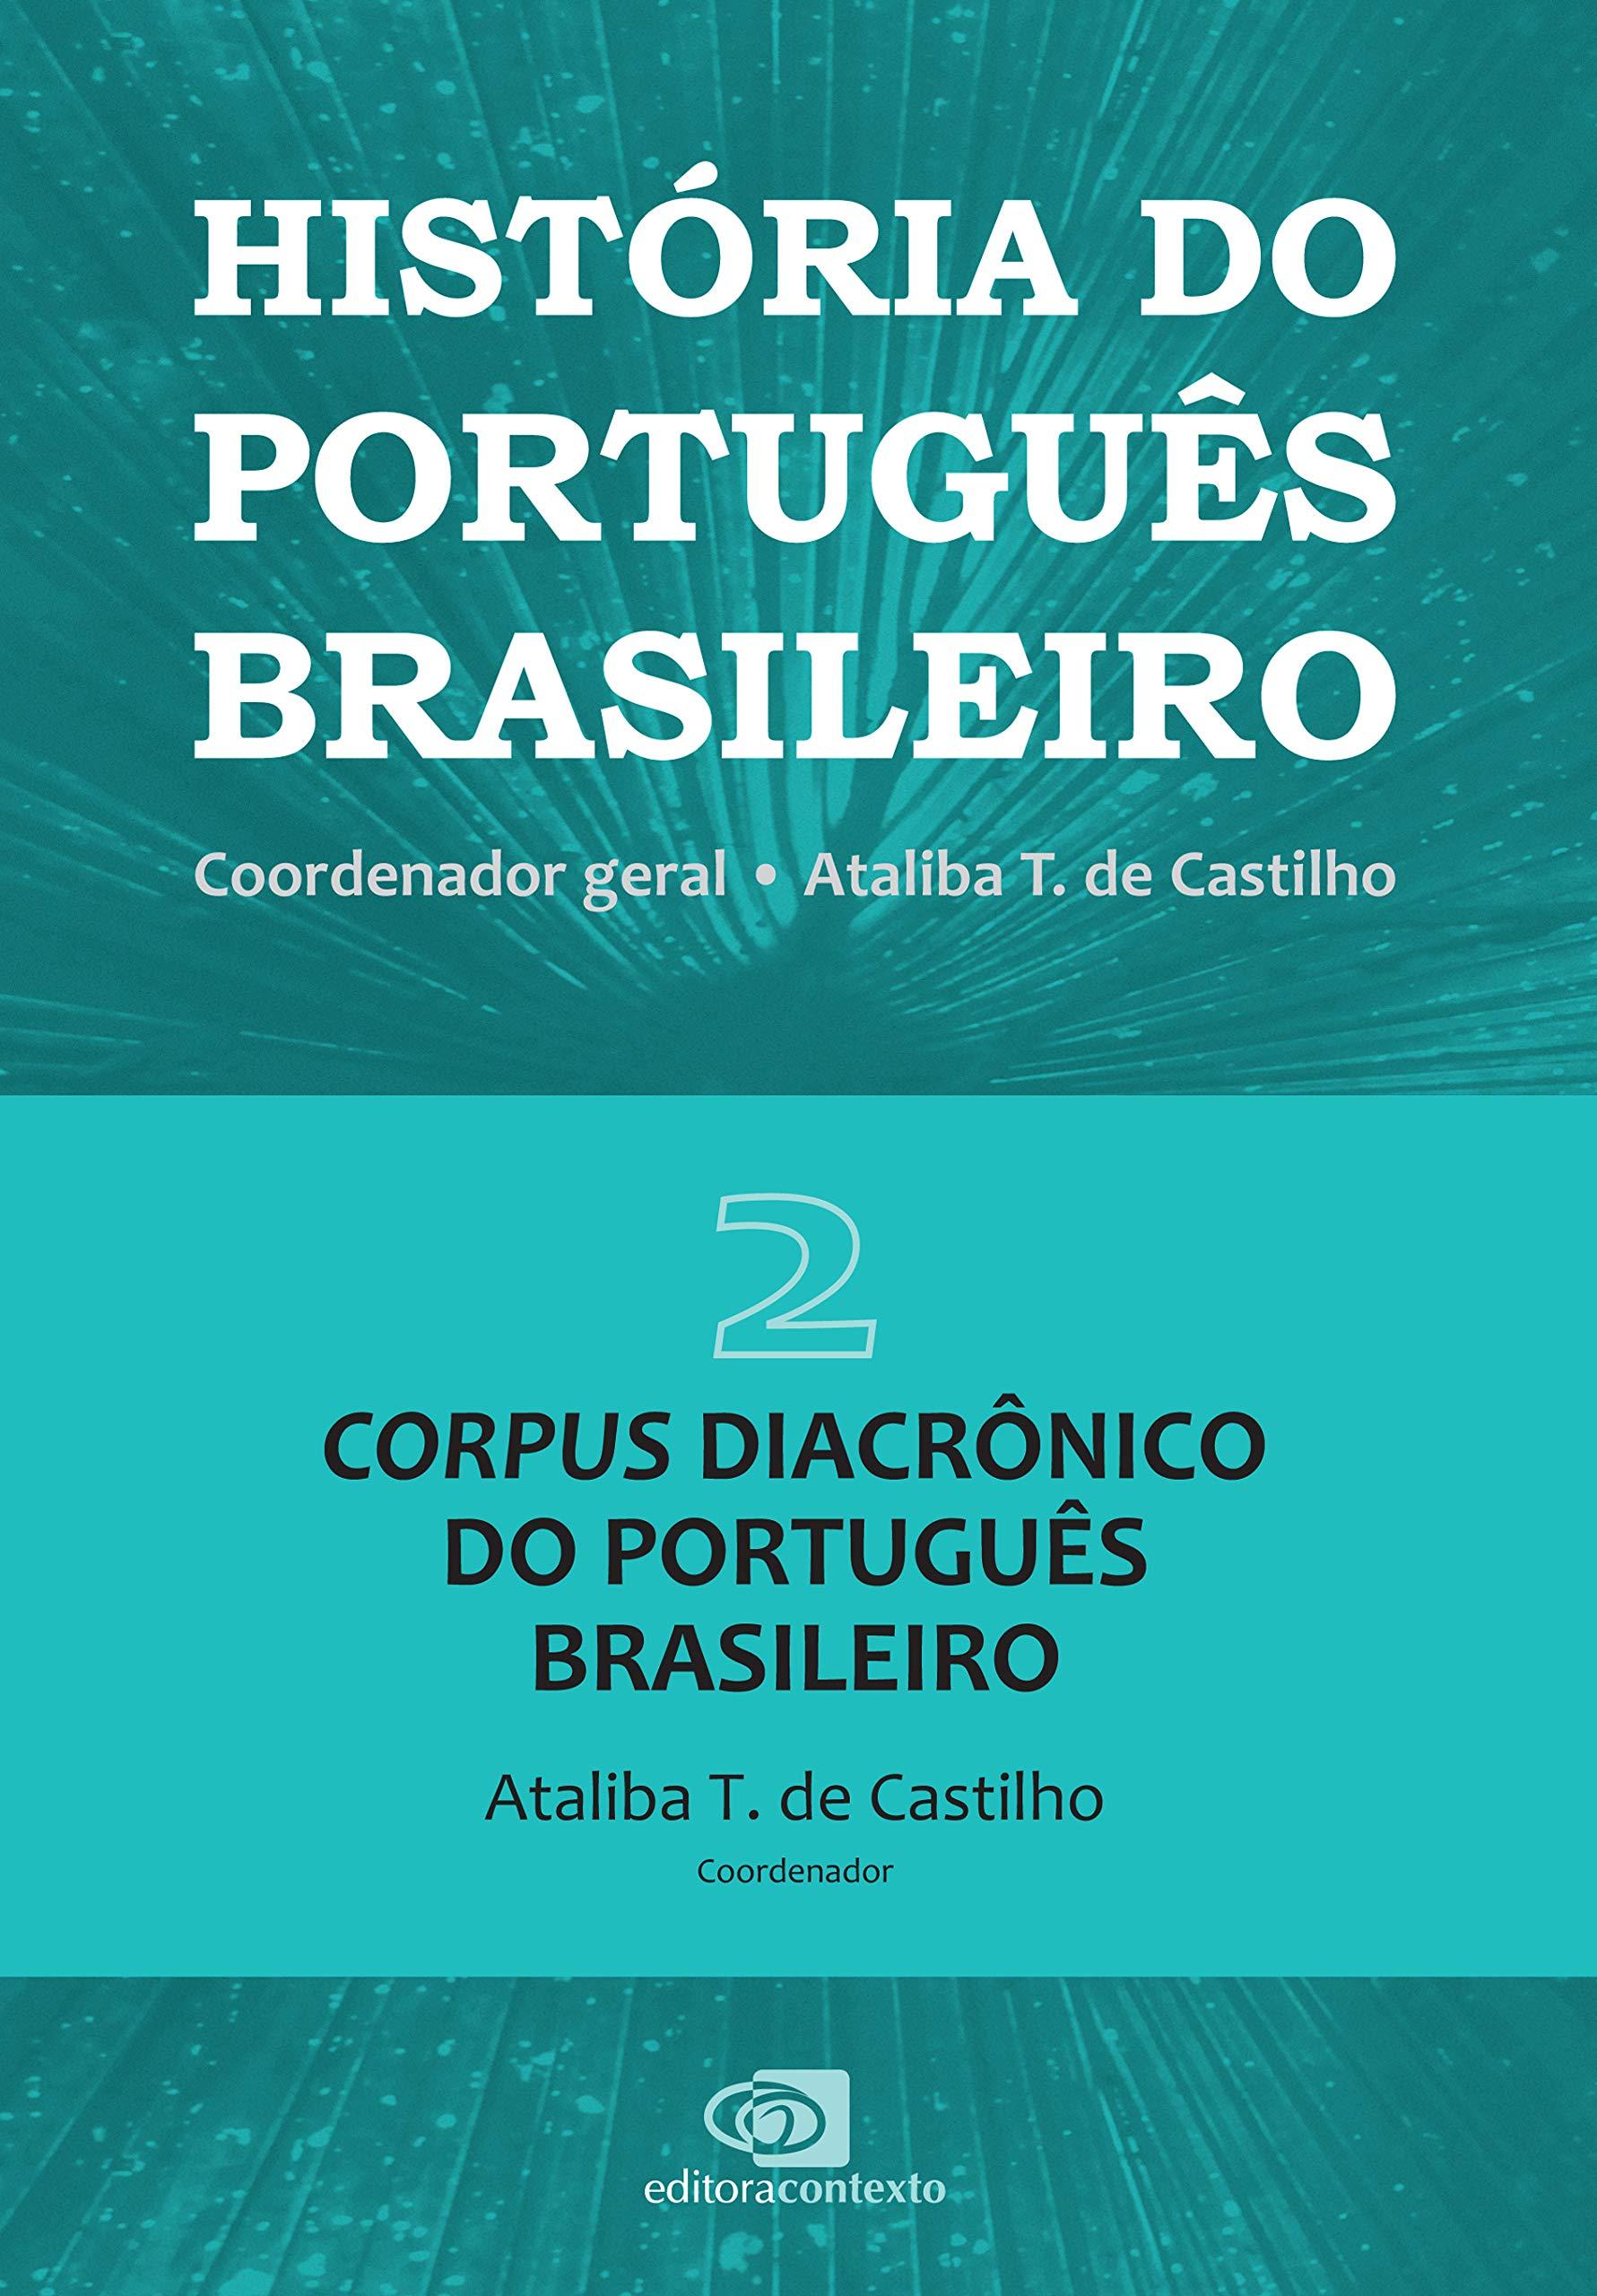 História do Português Brasileiro - Volume II: Corpus diacrônico do português brasileiro, livro de Ataliba T. de Castilho